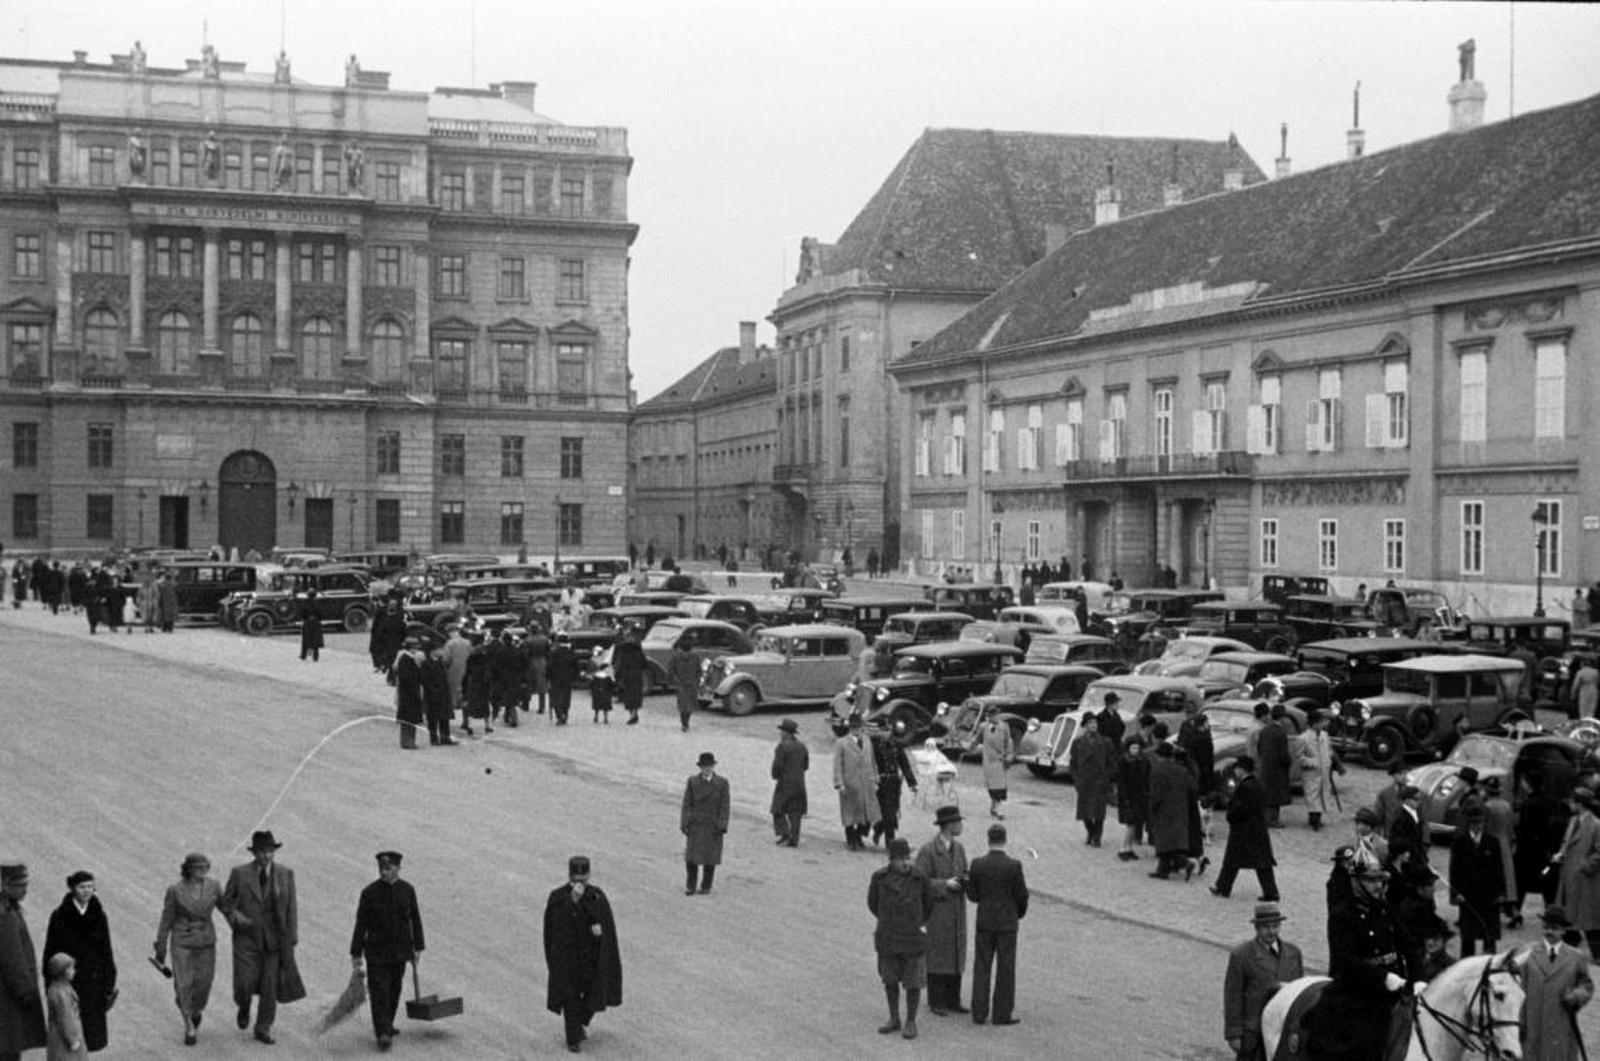 SzentGyorgyTer-1940Korul-fortepan.hu-180530